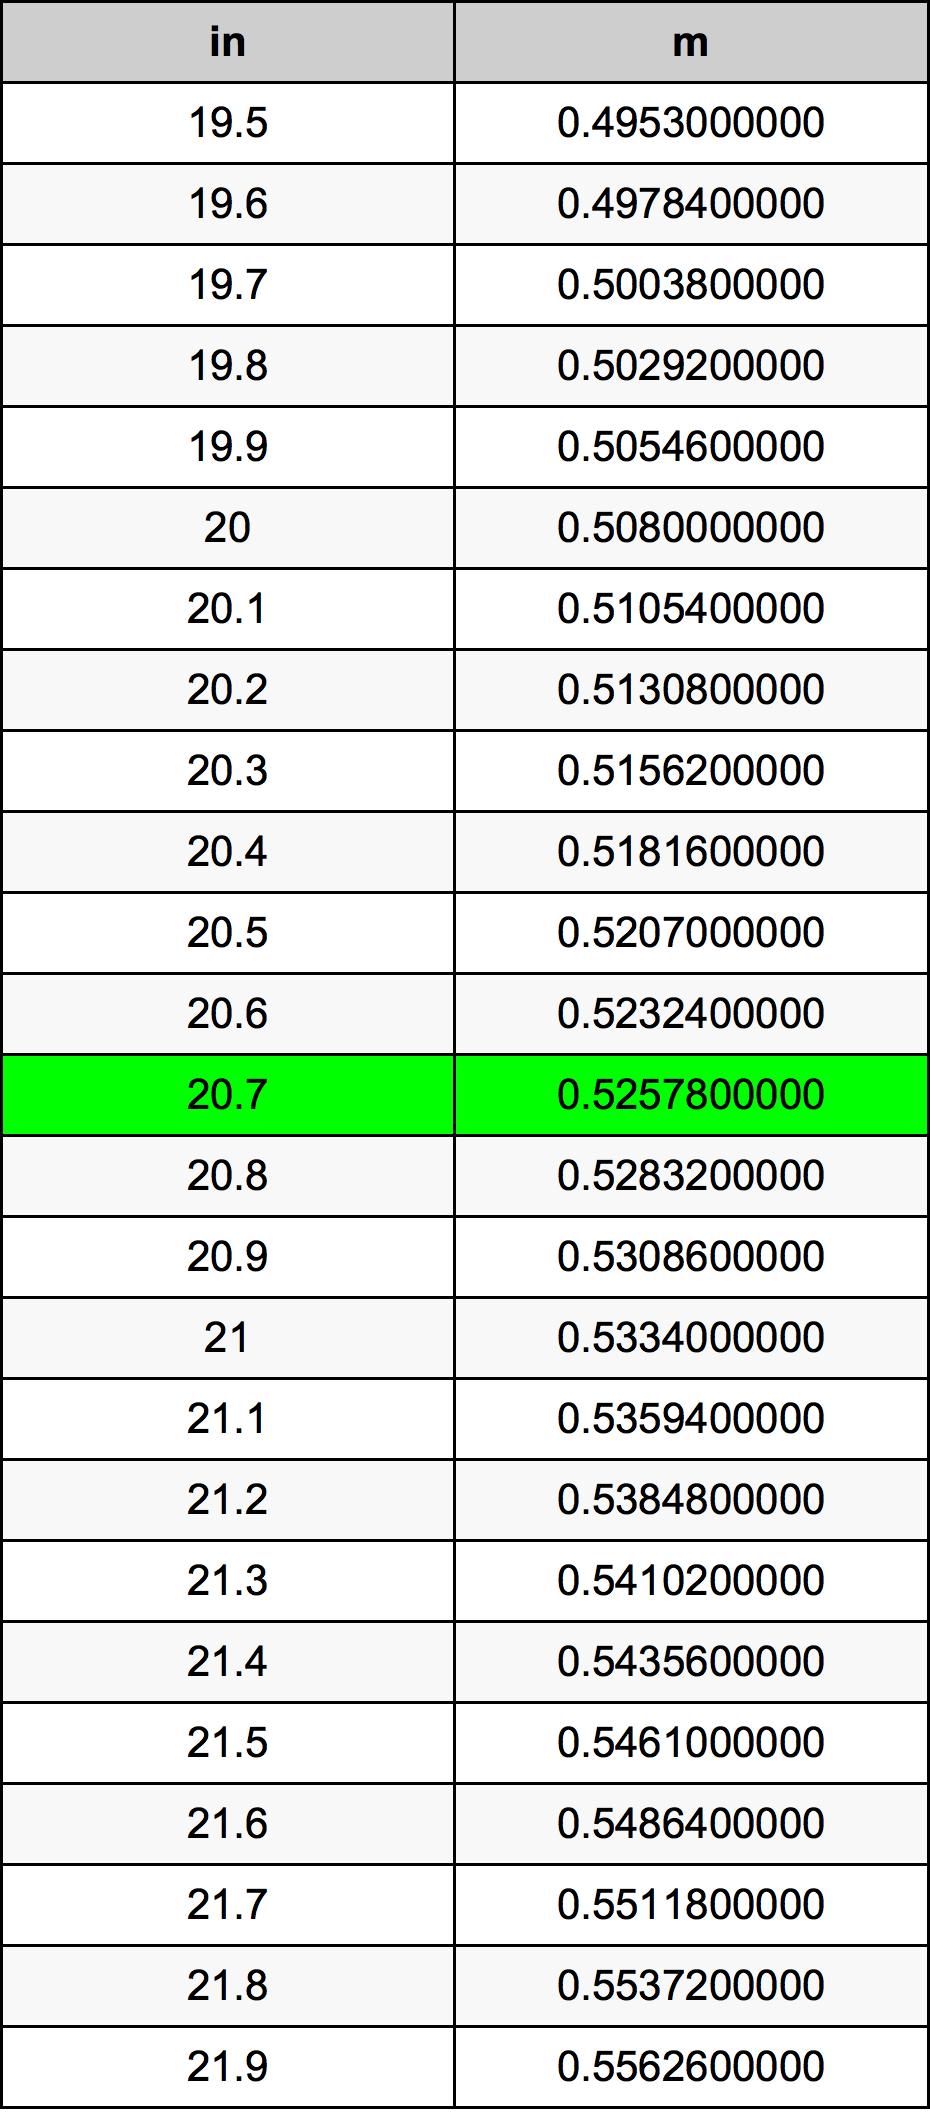 20.7 Pulzier konverżjoni tabella